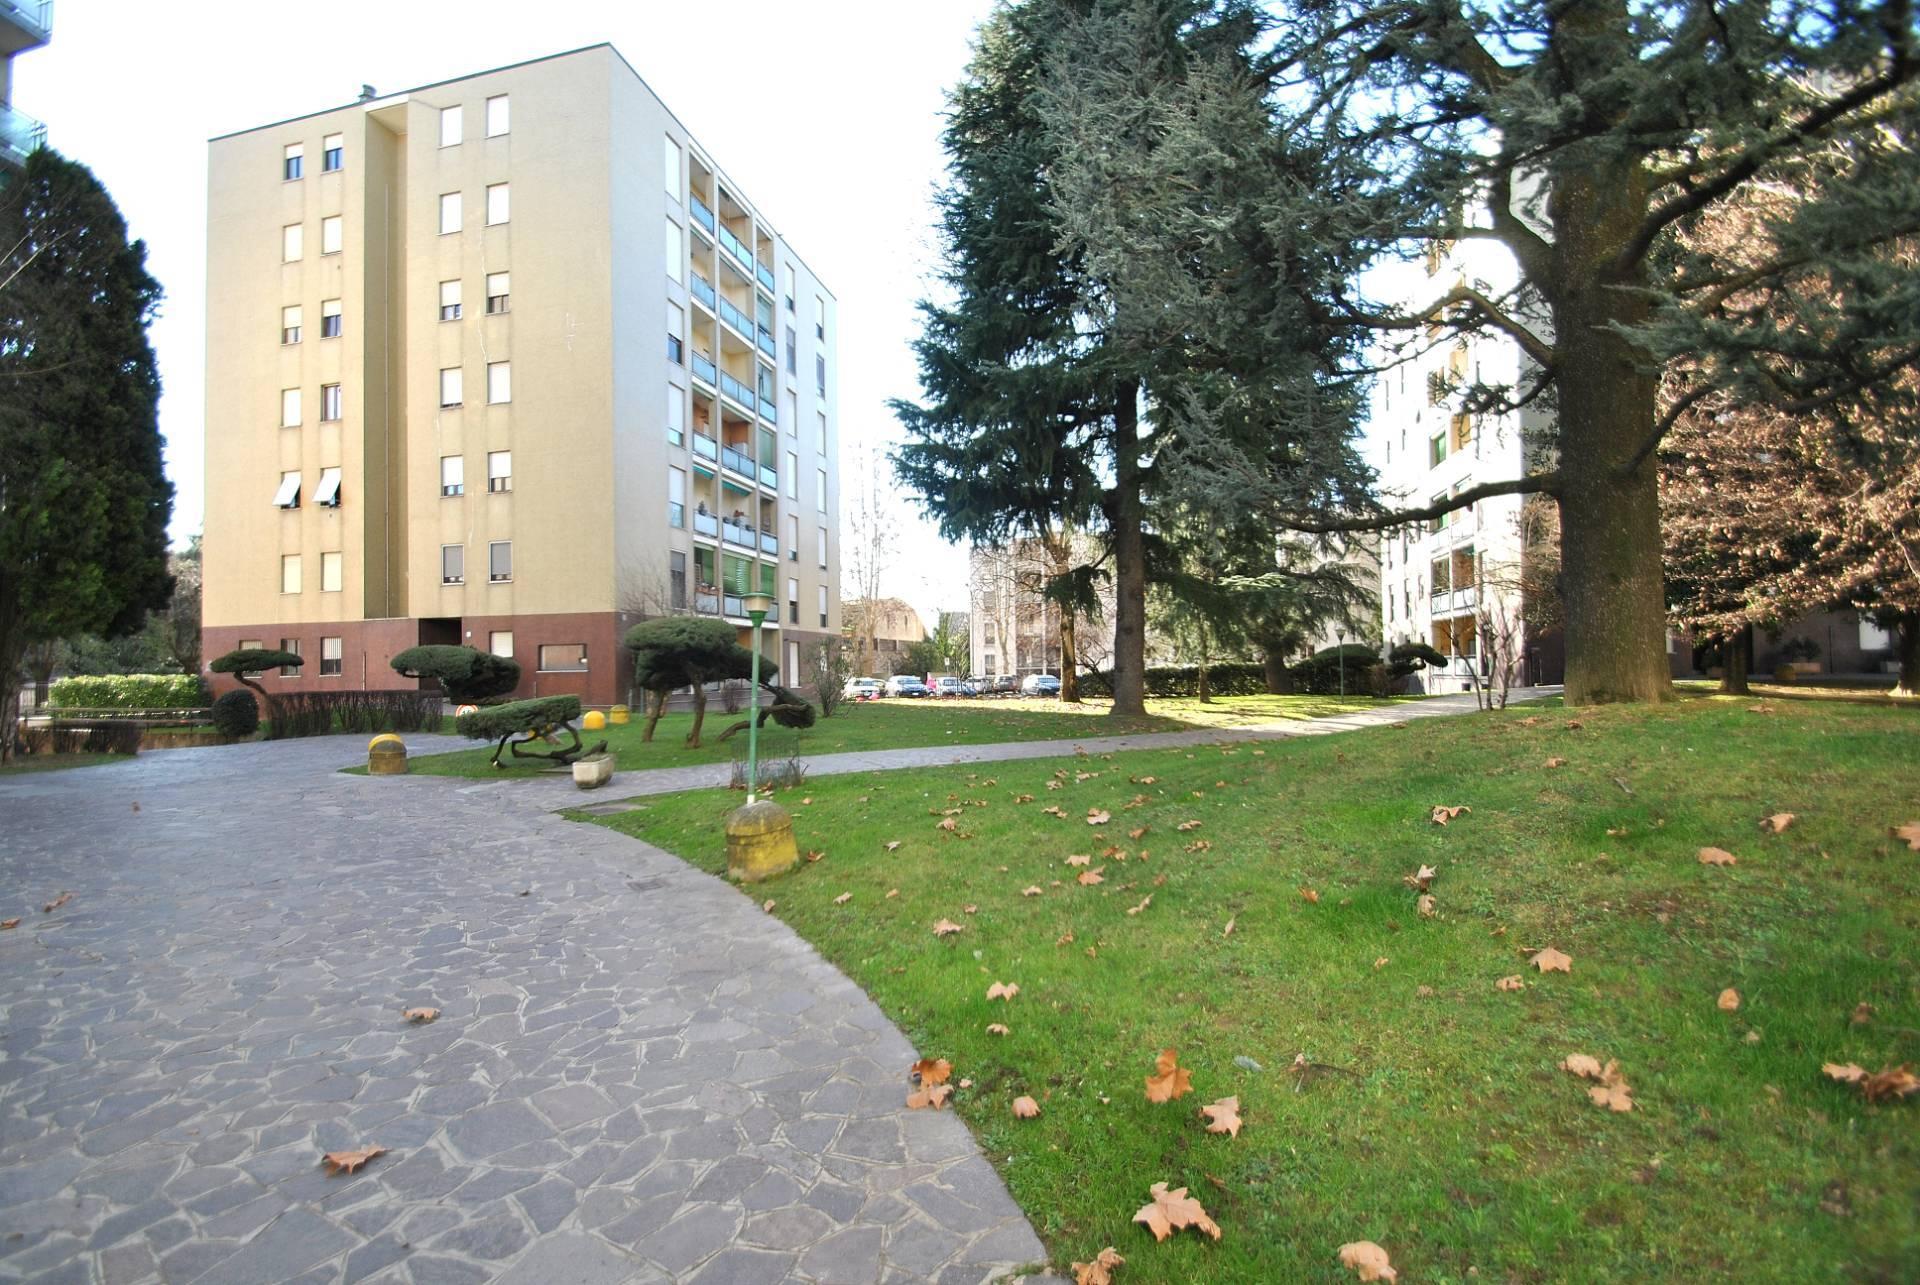 Appartamento in vendita a Vimercate, 2 locali, zona Località: CentroScuoleManzoni/filiberto, prezzo € 98.000 | CambioCasa.it